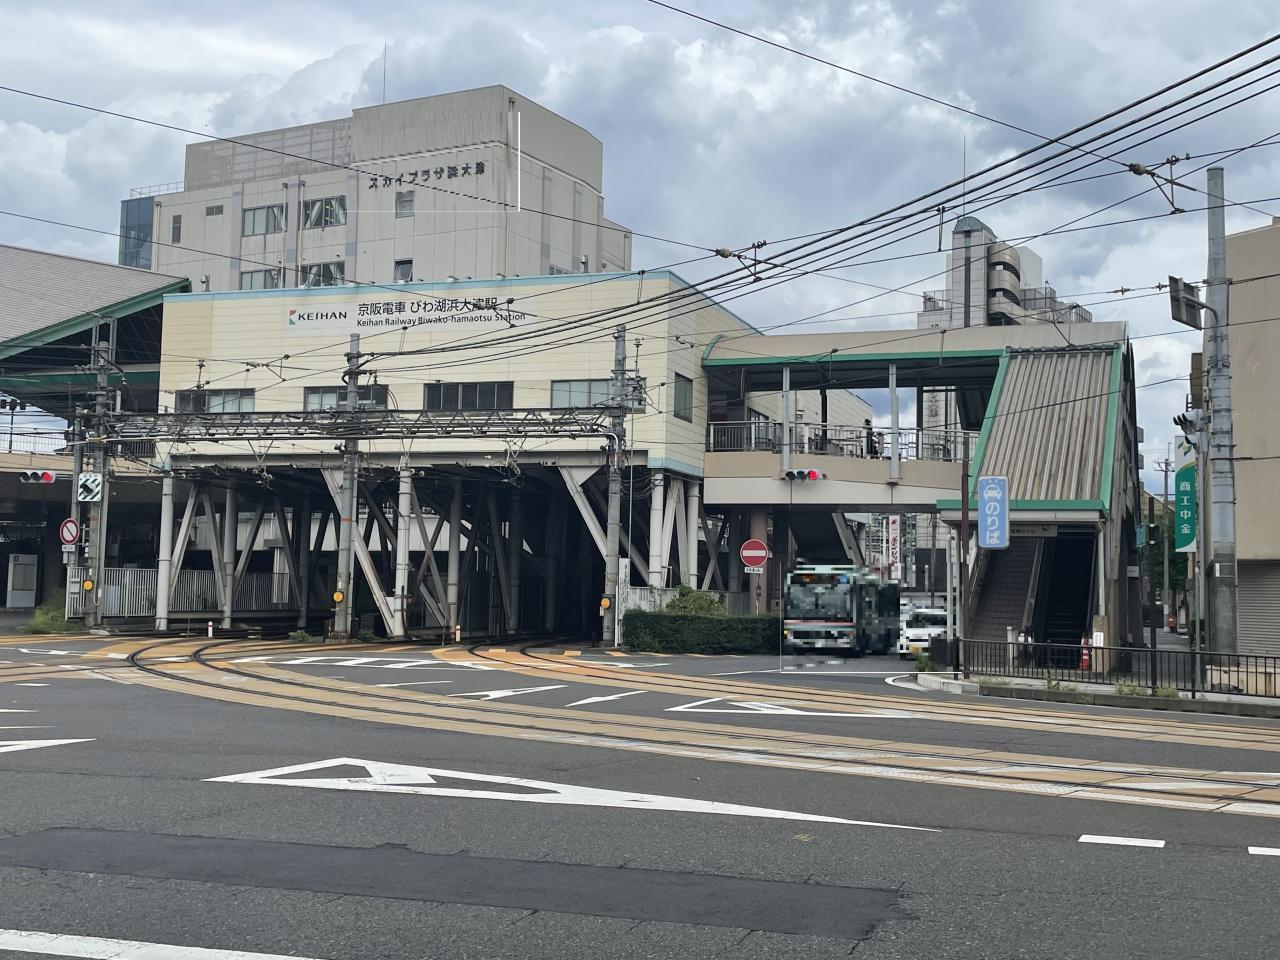 京阪『びわ湖浜大津』駅